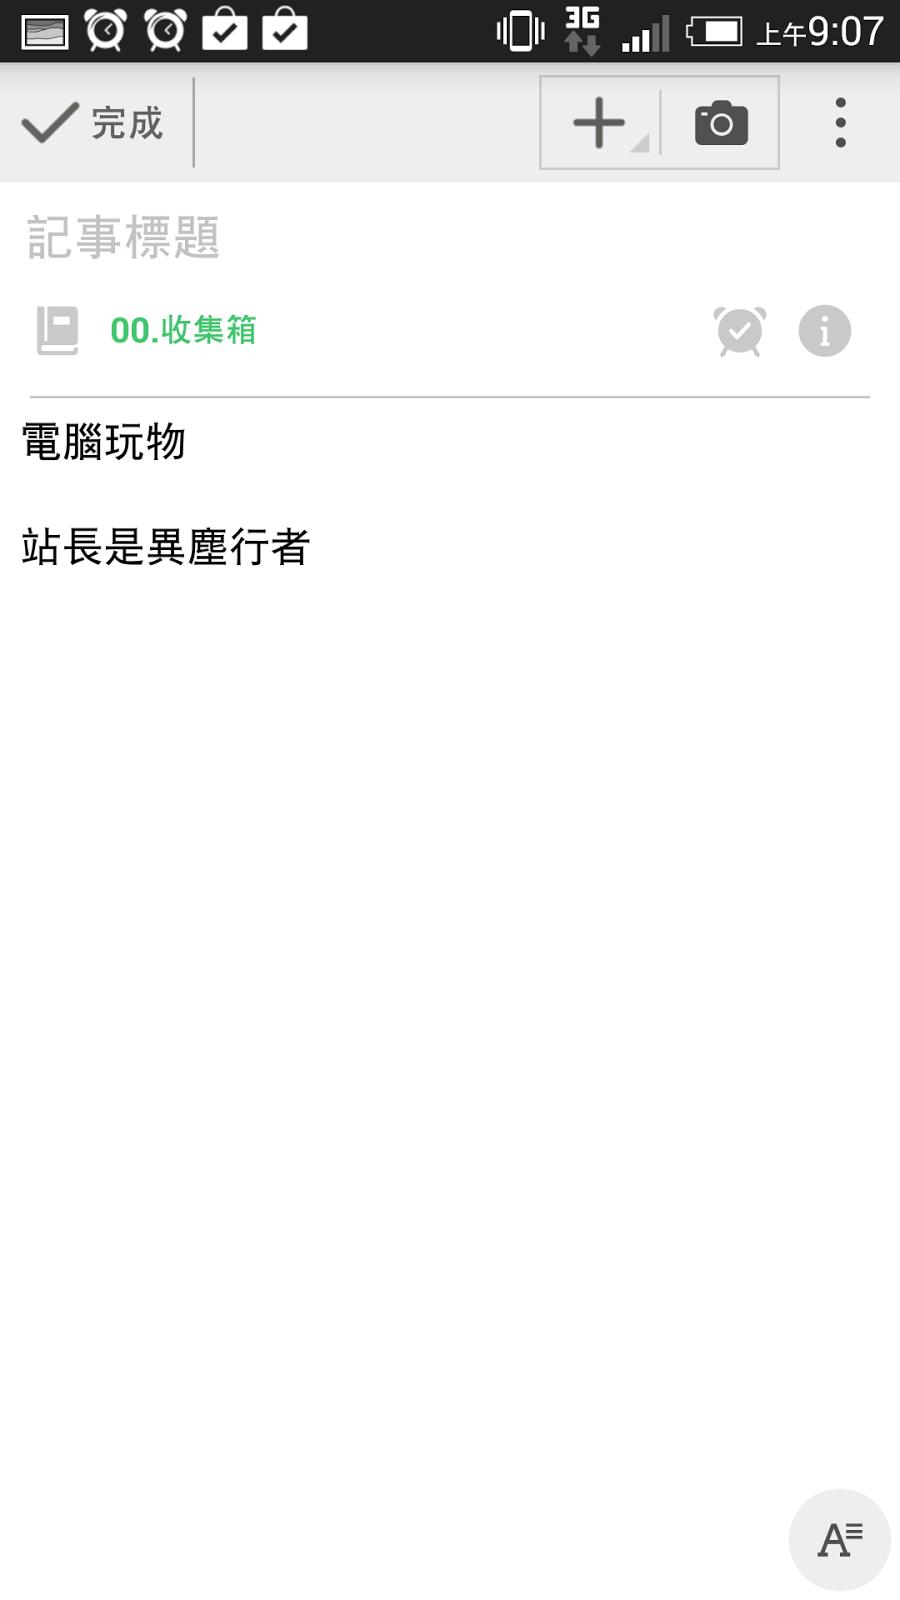 改變行動工作!電腦玩物 2014 最佳 Android App 推薦 MyScript%2BSmart%2BNote-02